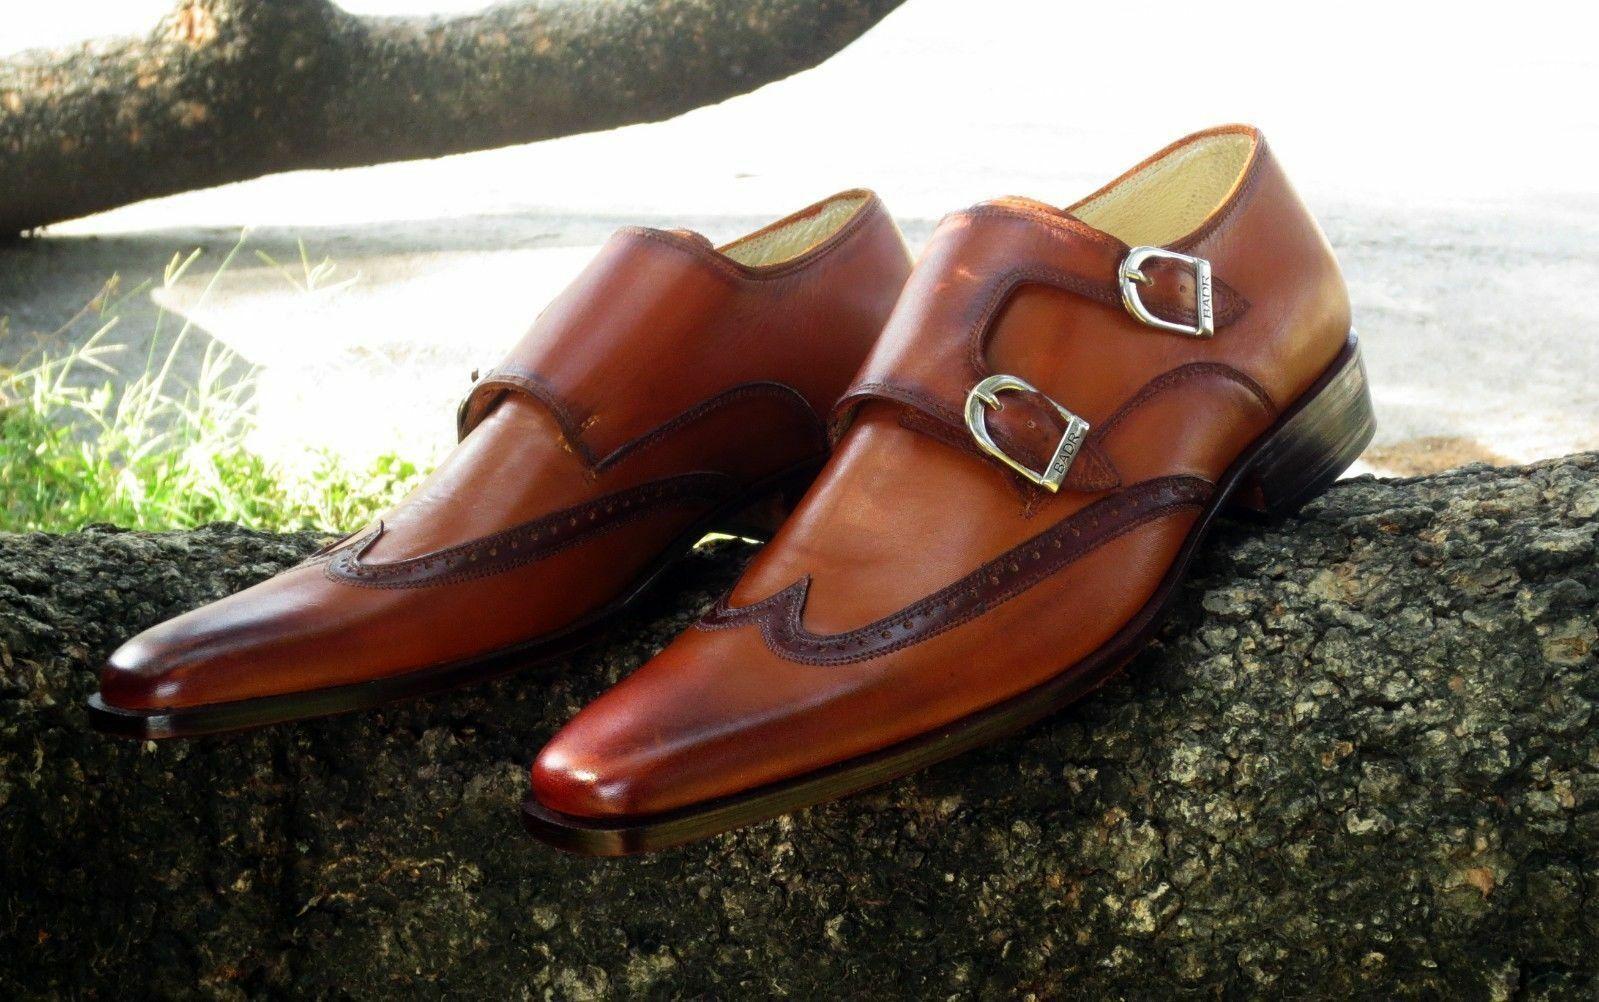 Homme Fait à la main Chaussures en Cuir Marron Style Bout D'Aile Double Monk formelle   bottes